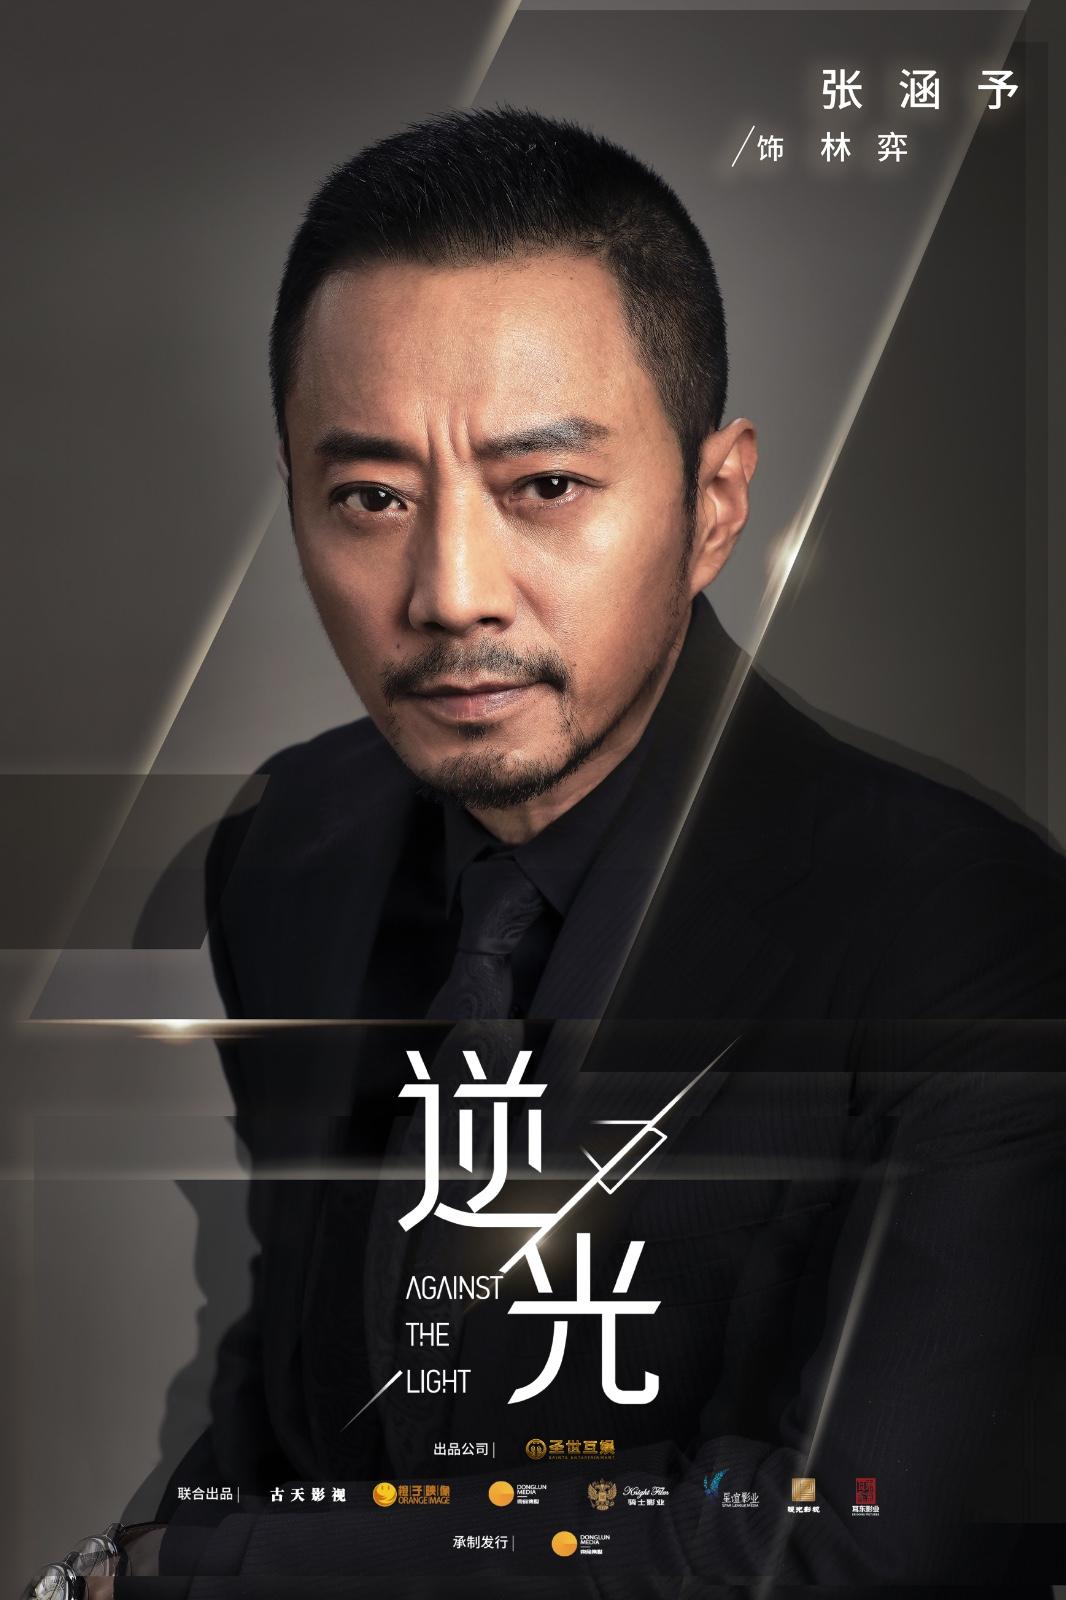 电视剧《逆光》曝杀青特辑 张涵予蓝盈莹引领职场新风貌